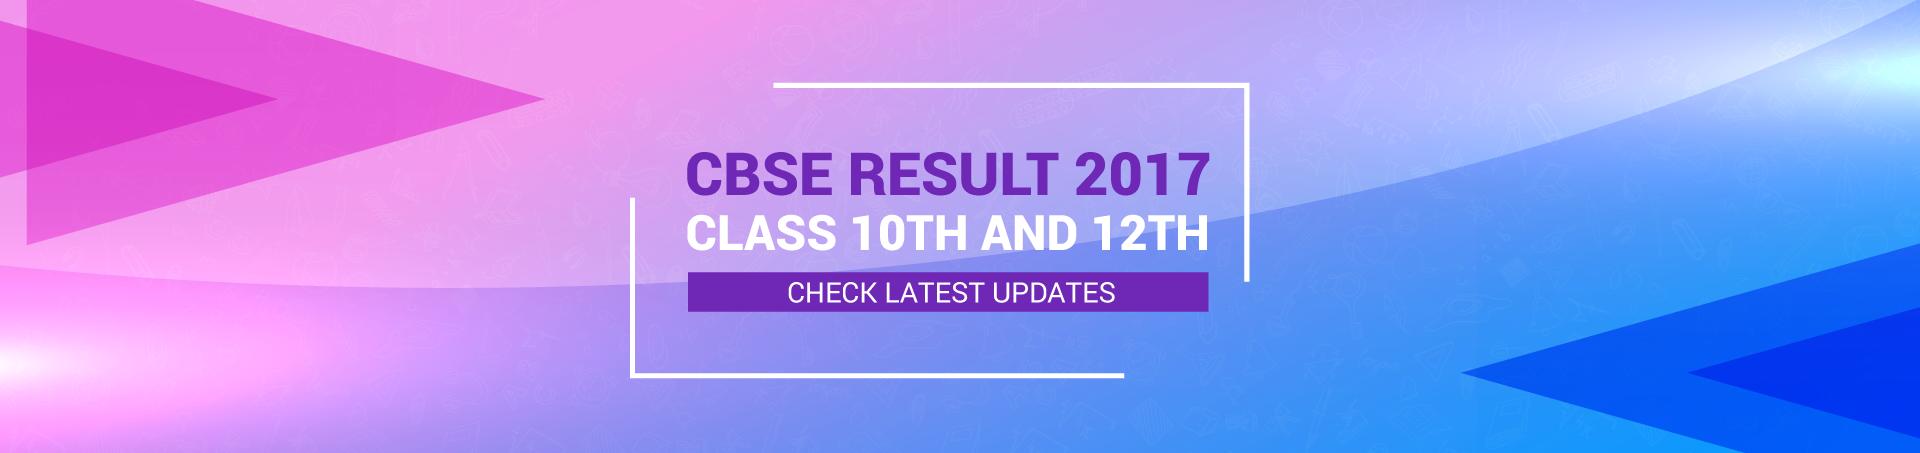 cbse result-2017